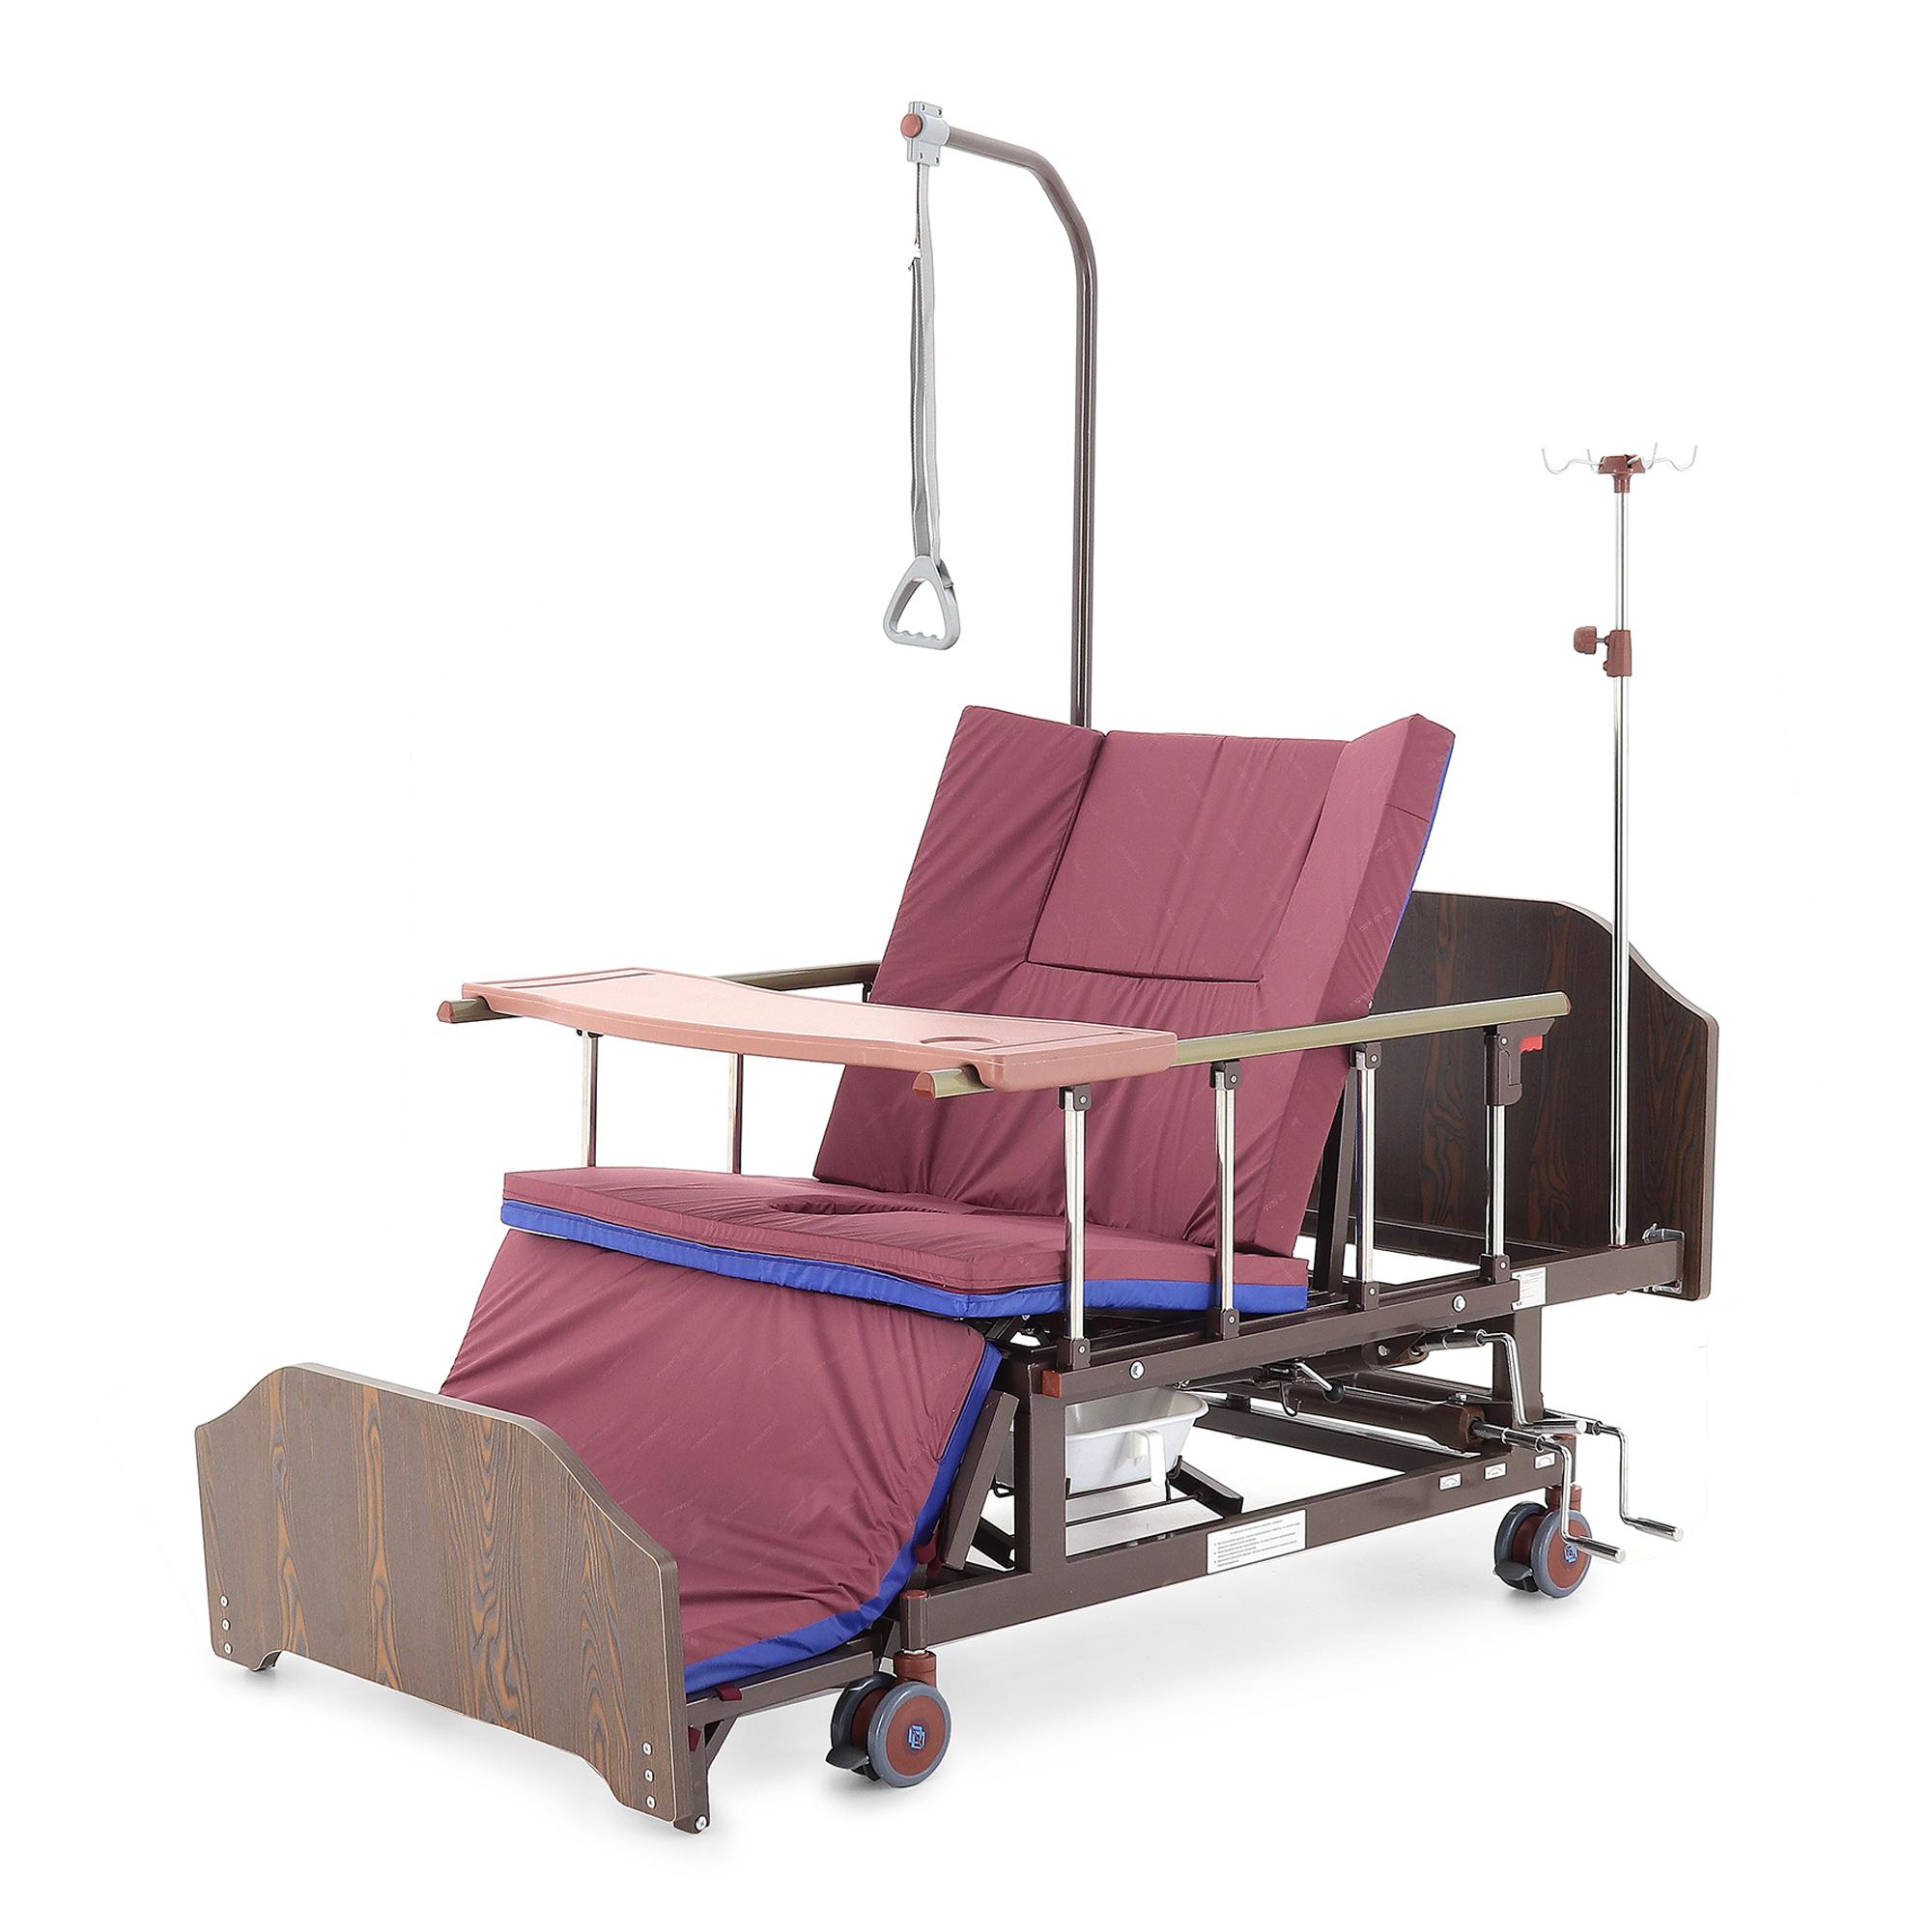 Кровать механическая Мед-Мос Е-45А (ММ-5124Н-10) с боковым переворачиванием, туалетным устройством и функцией «кардиокресло»